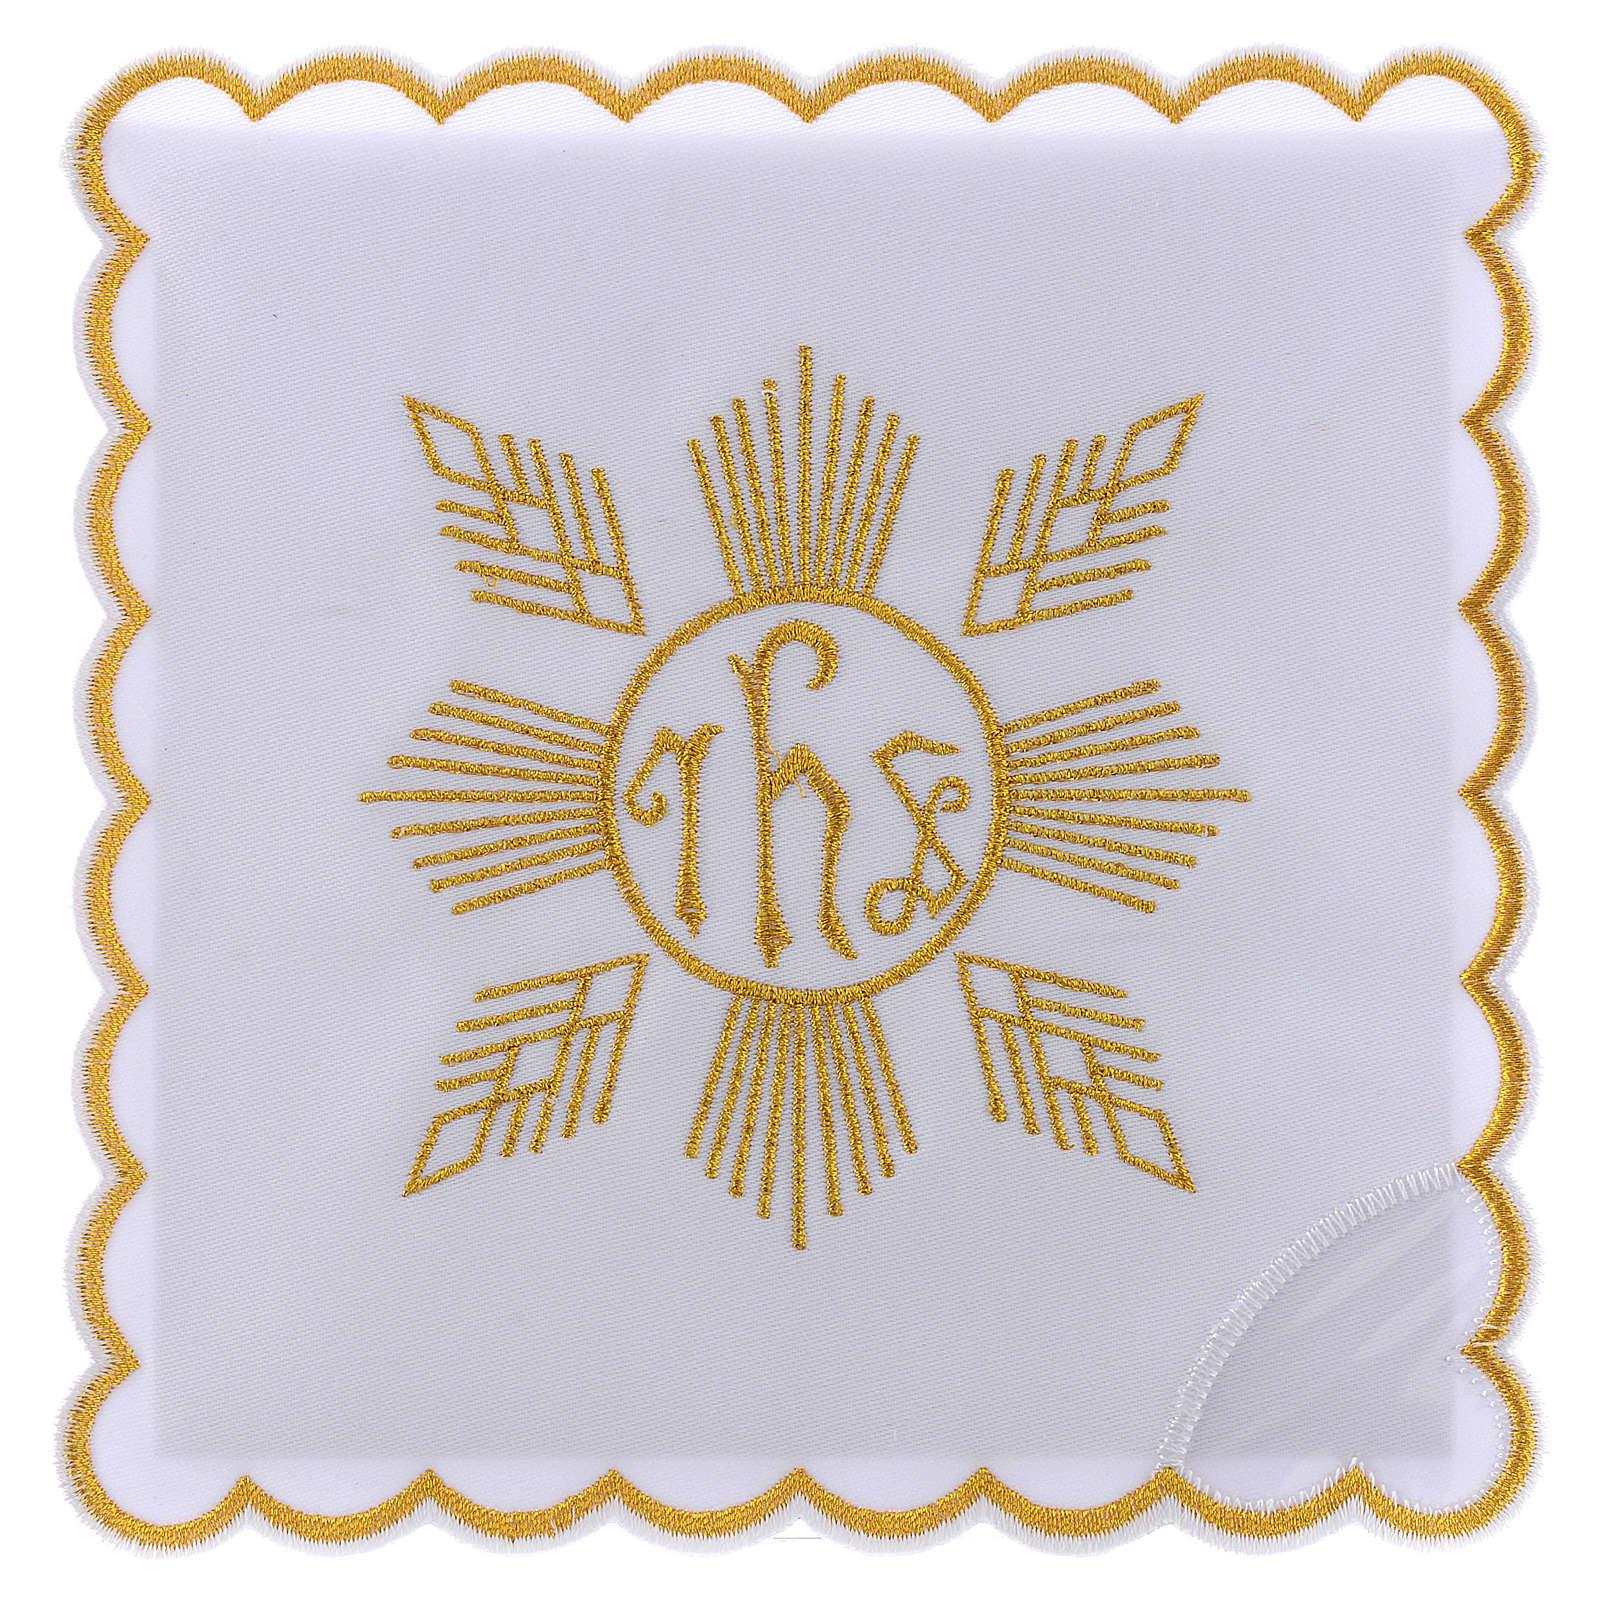 Conjunto de alfaia algodão bordado dourado motivo geométrico símbolo IHS 4